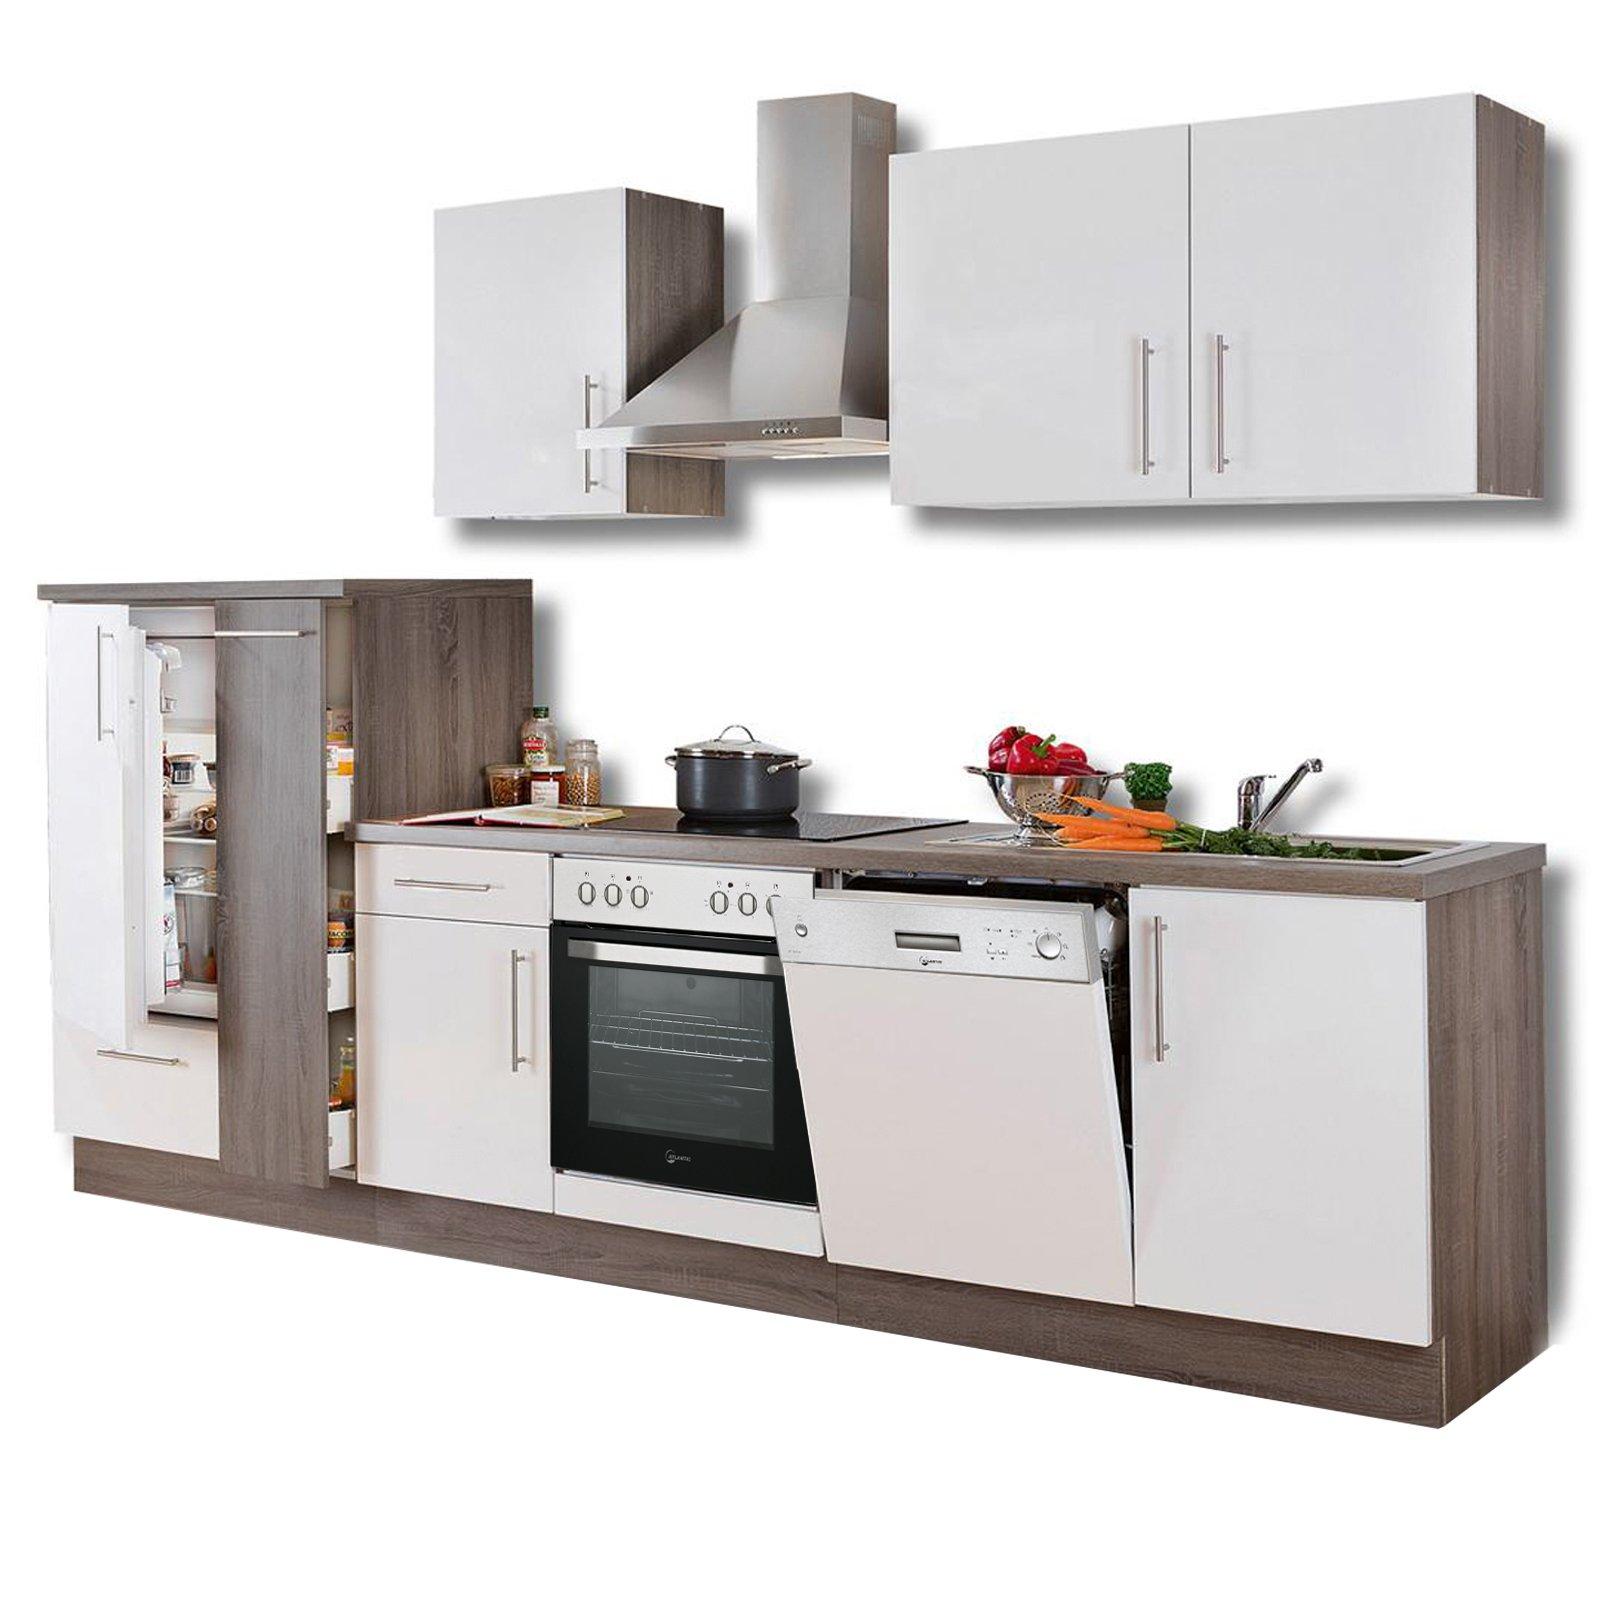 Full Size of Roller Küchen Kchenblock Wei Hochglanz Trffel 310 Cm Online Bei Regal Regale Wohnzimmer Roller Küchen